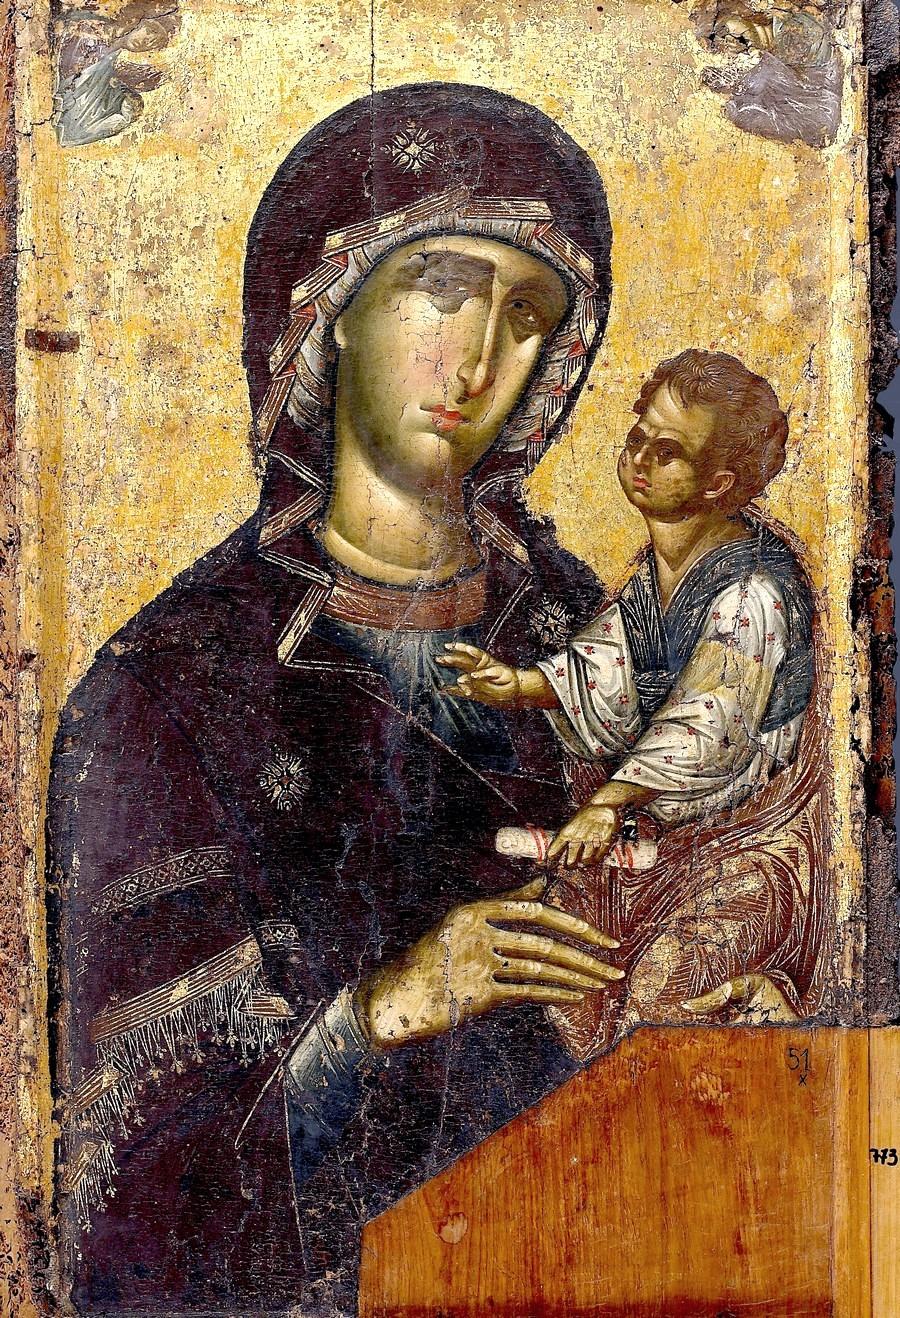 """Икона Божией Матери """"Одигитрия"""". Византия, 1310 - 1320 годы. Монастырь Ватопед на Афоне."""